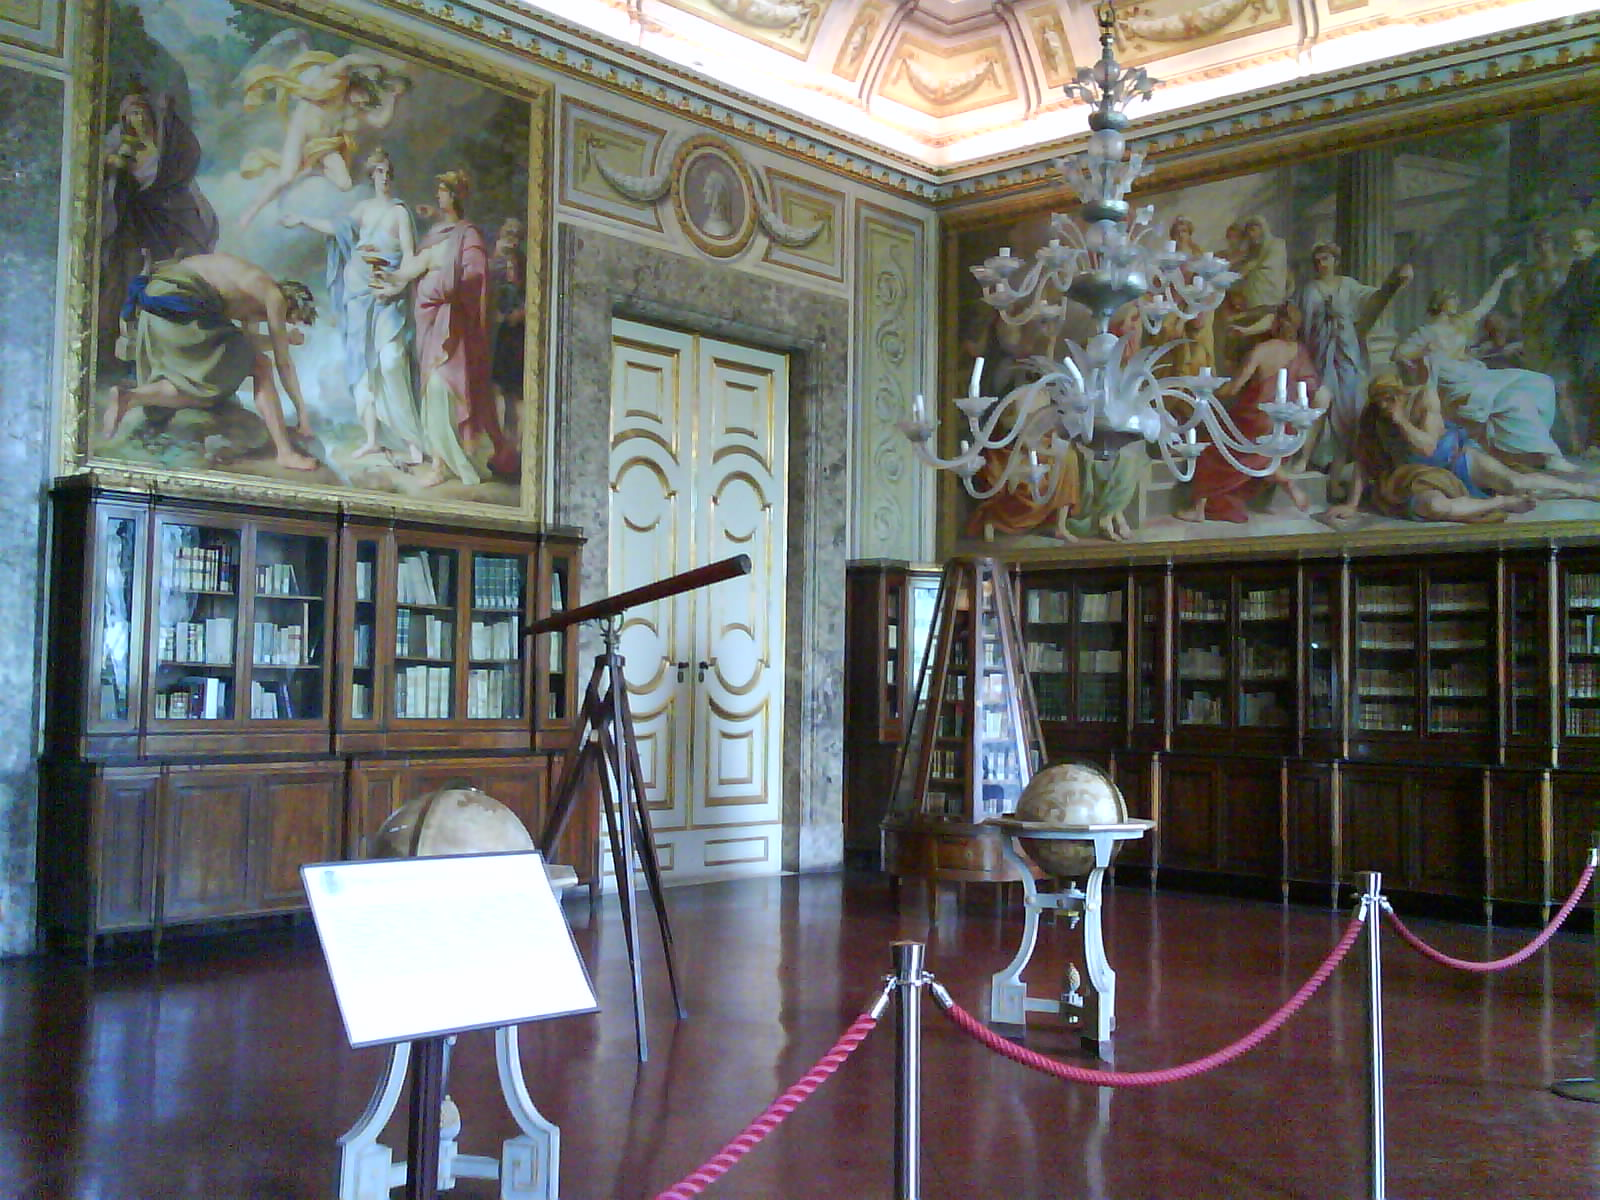 palazzo reale biblioteca2